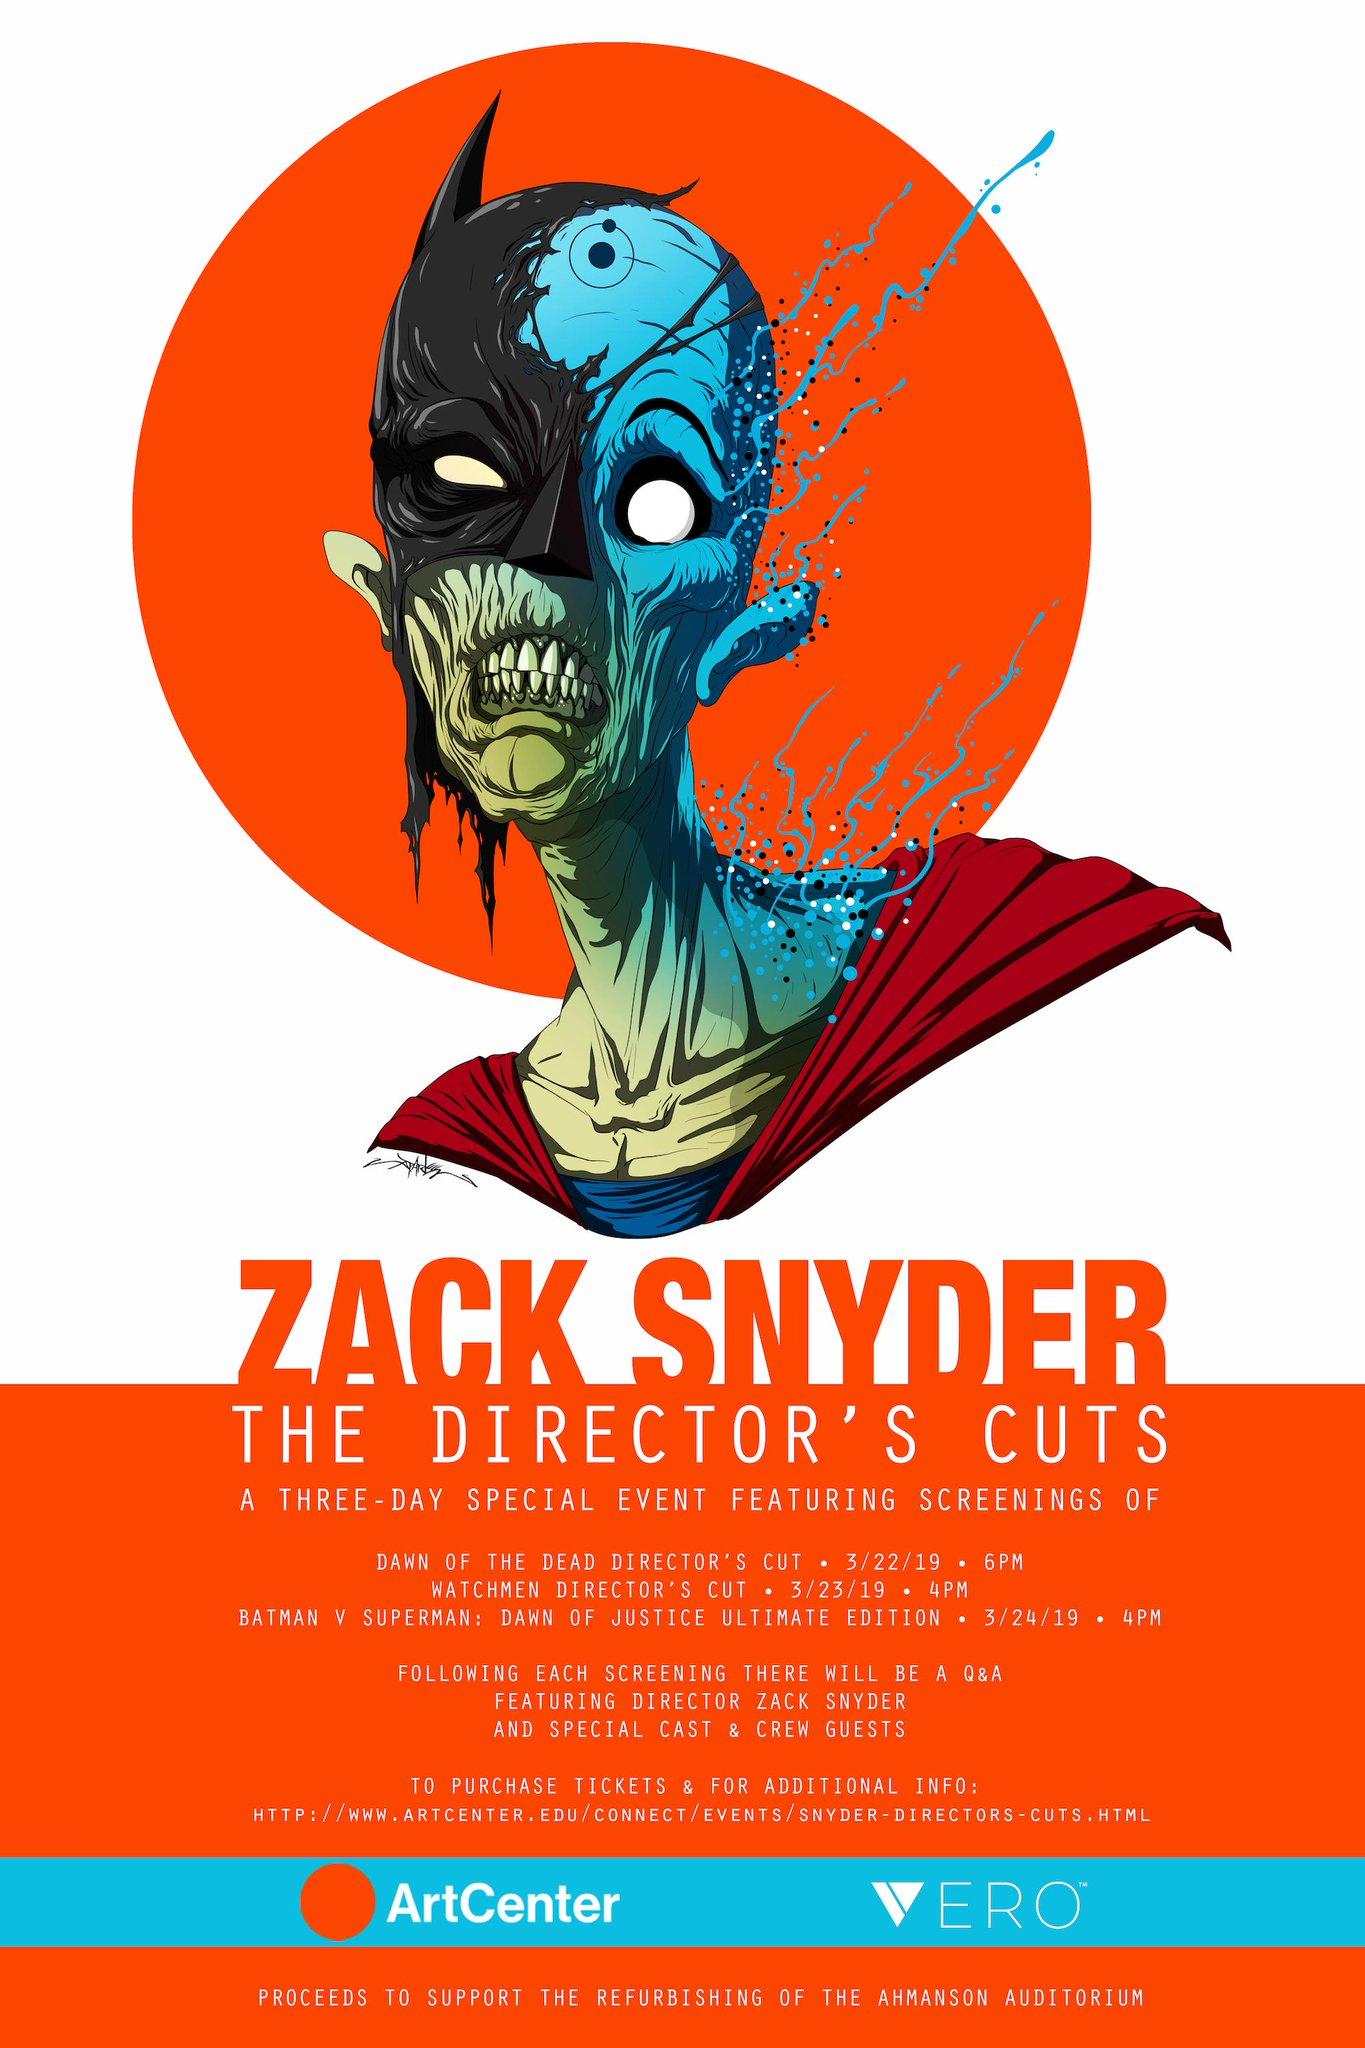 Zack Snyder Batman vs Superman Directors Cut event